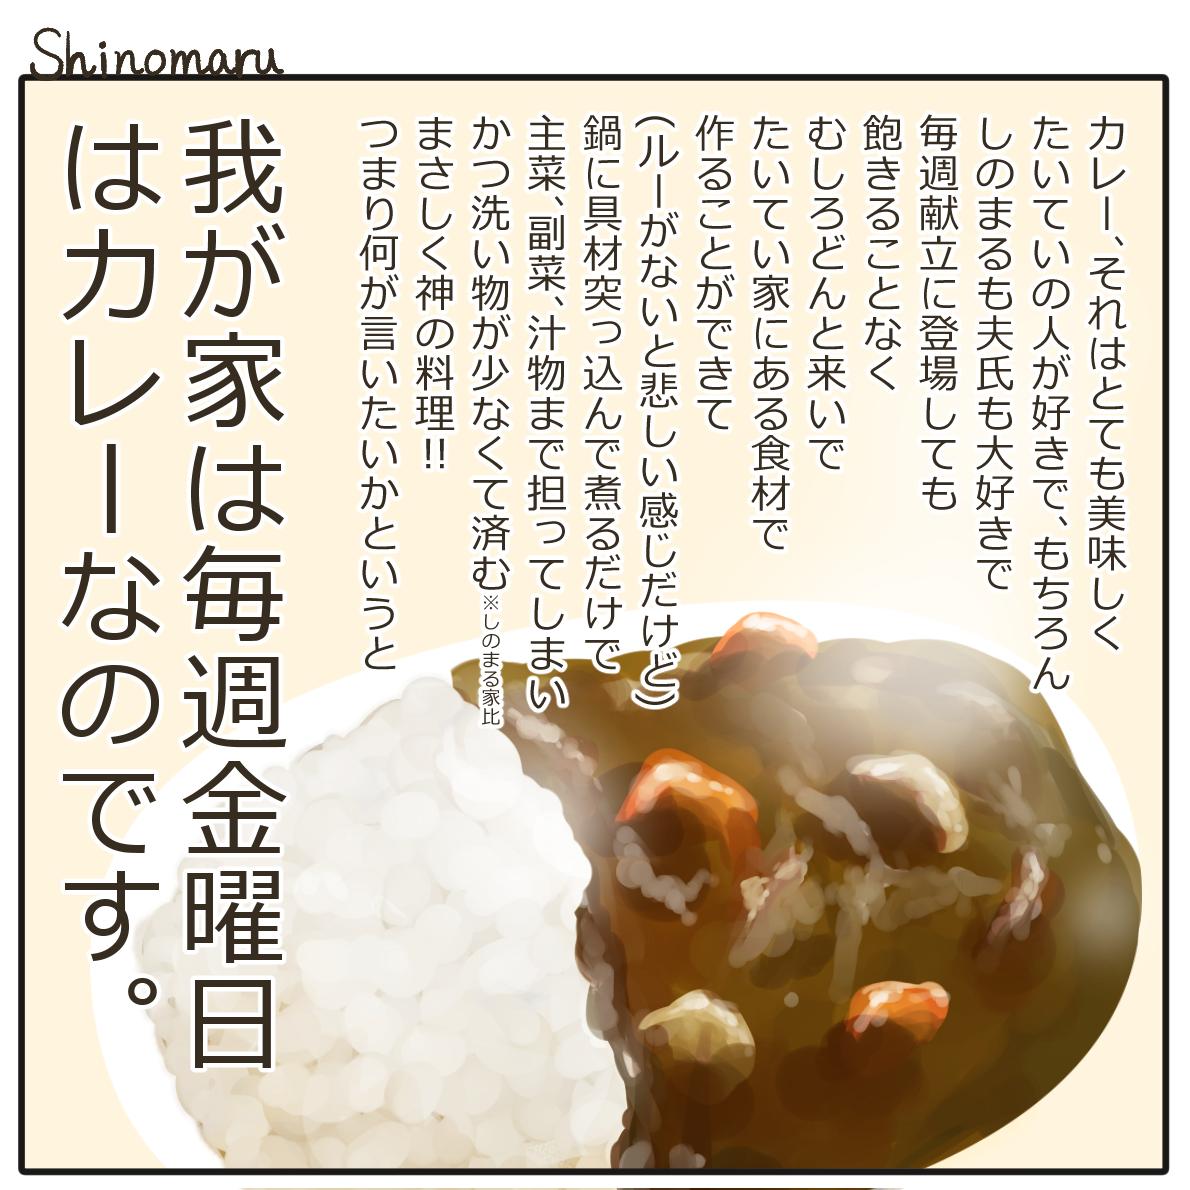 f:id:Shinomaru:20210604221737p:plain